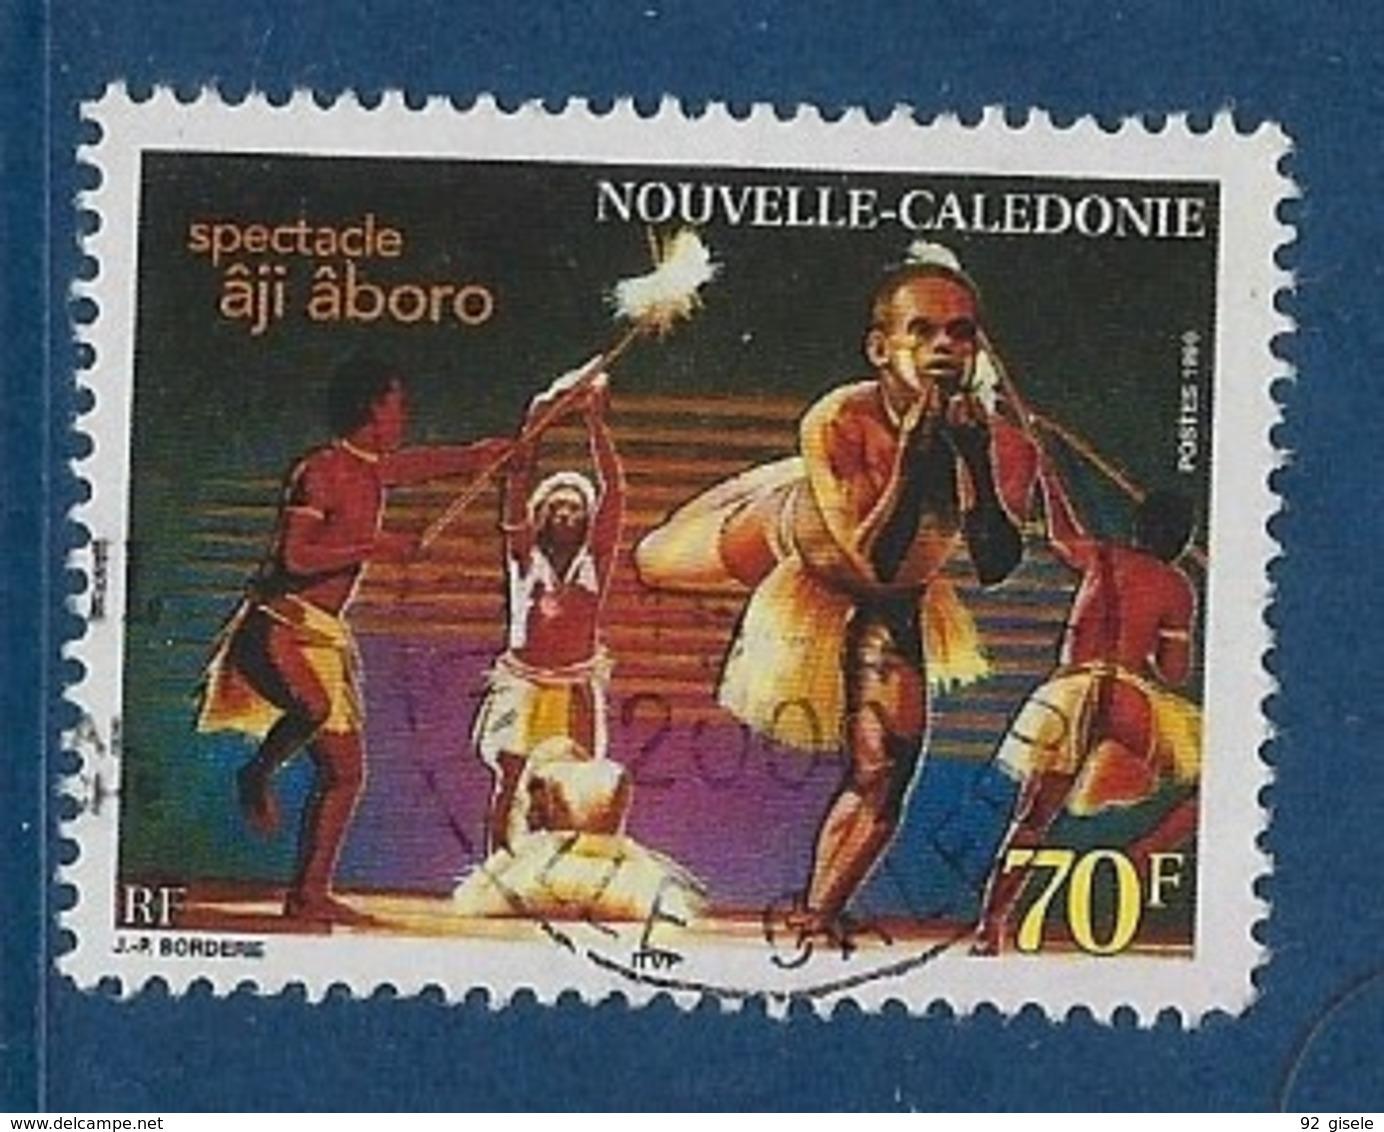 """Nle-Caledonie YT 806 """" Spectacle """" 1999 Oblitéré - Neukaledonien"""